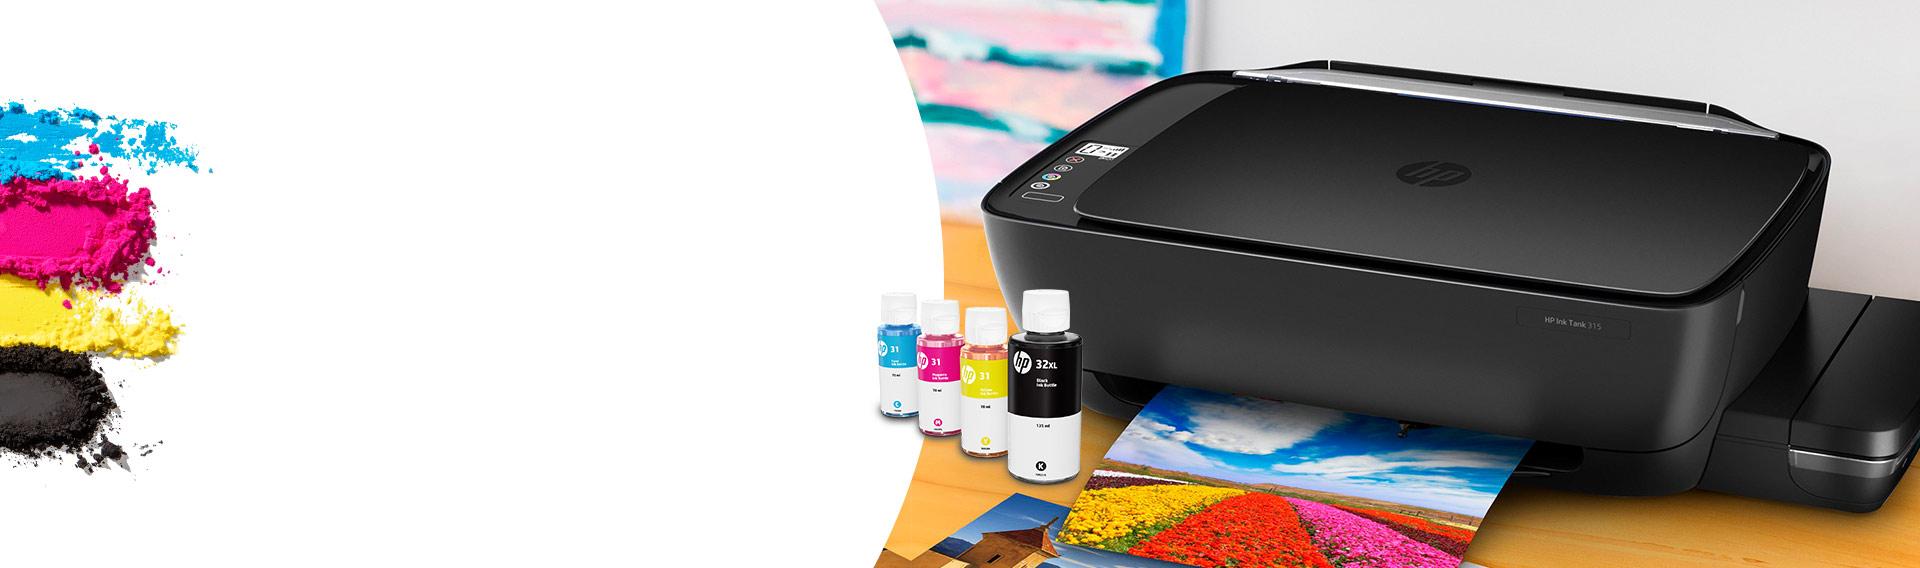 HP Ink Tank. Obtené 8.000 págs. a color o 6.000 pags. en negro. ¡A un costo muy bajo!